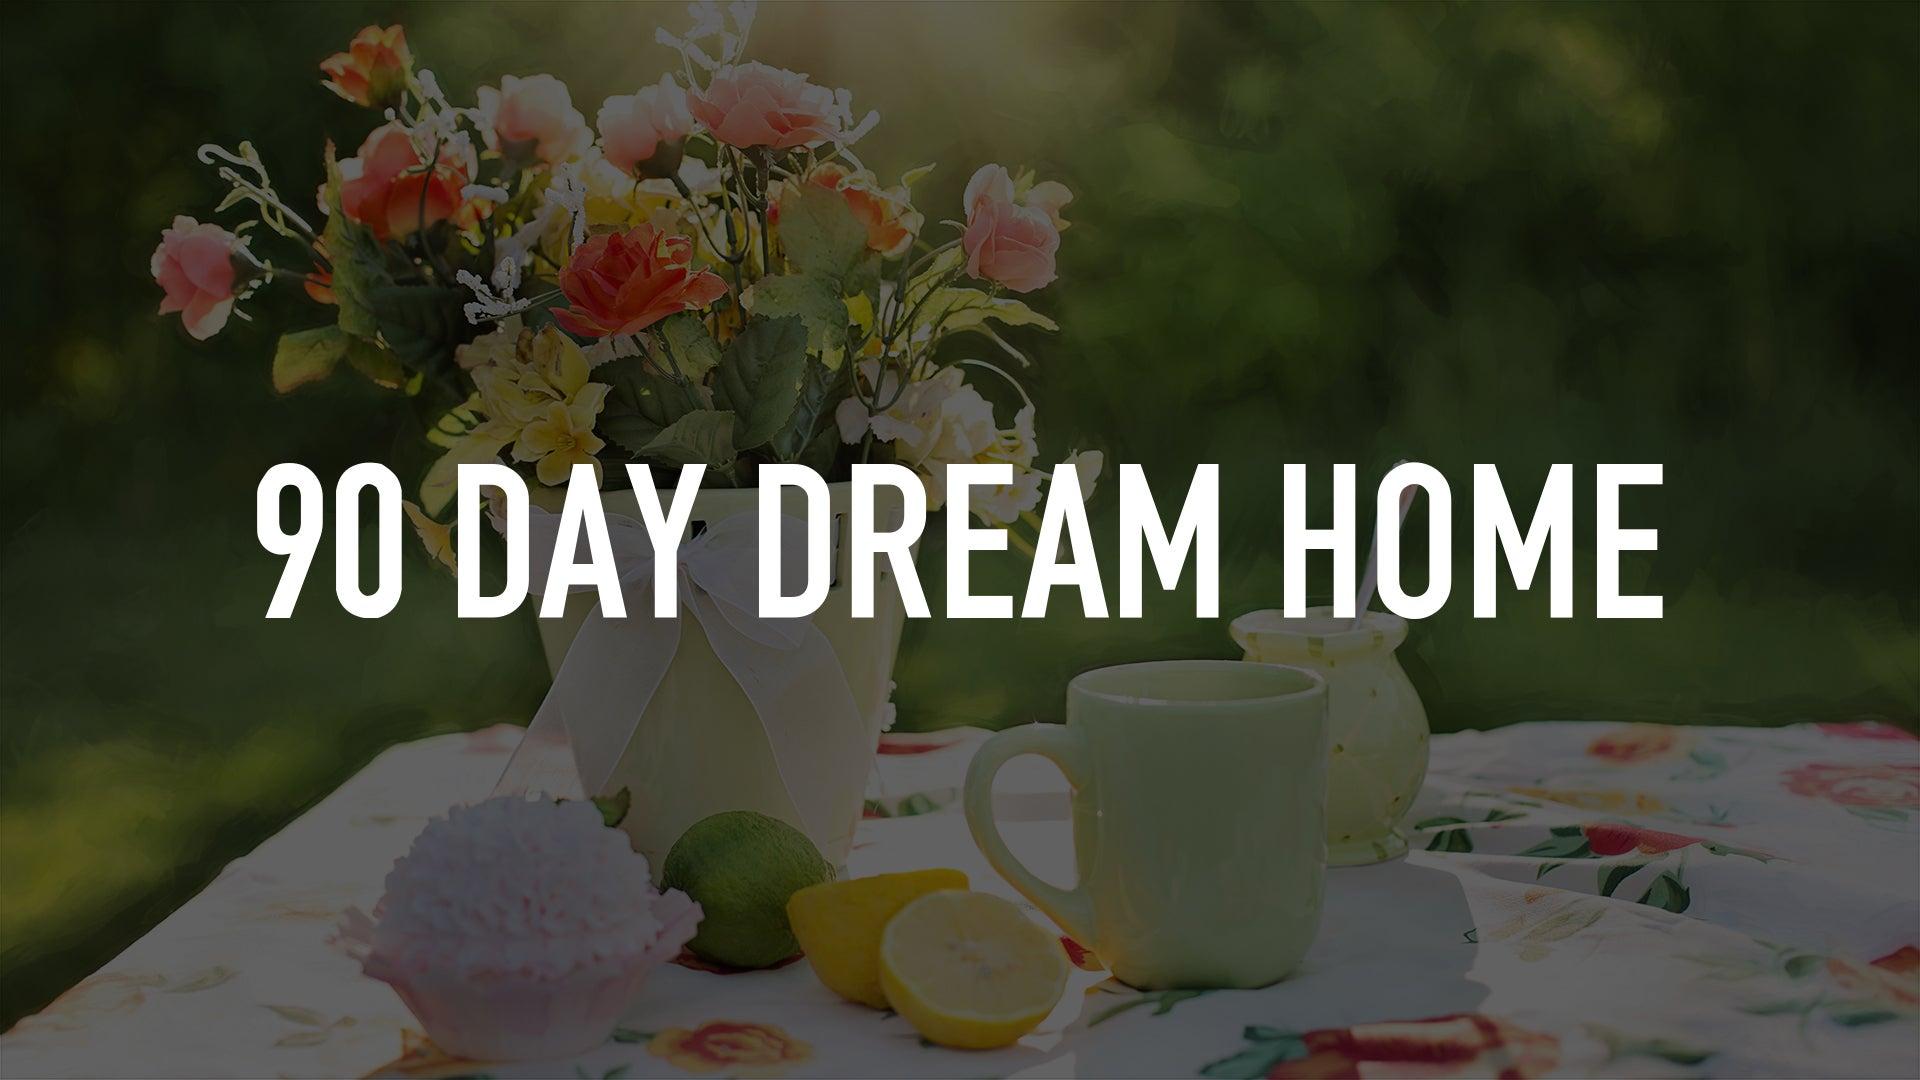 90 Day Dream Home